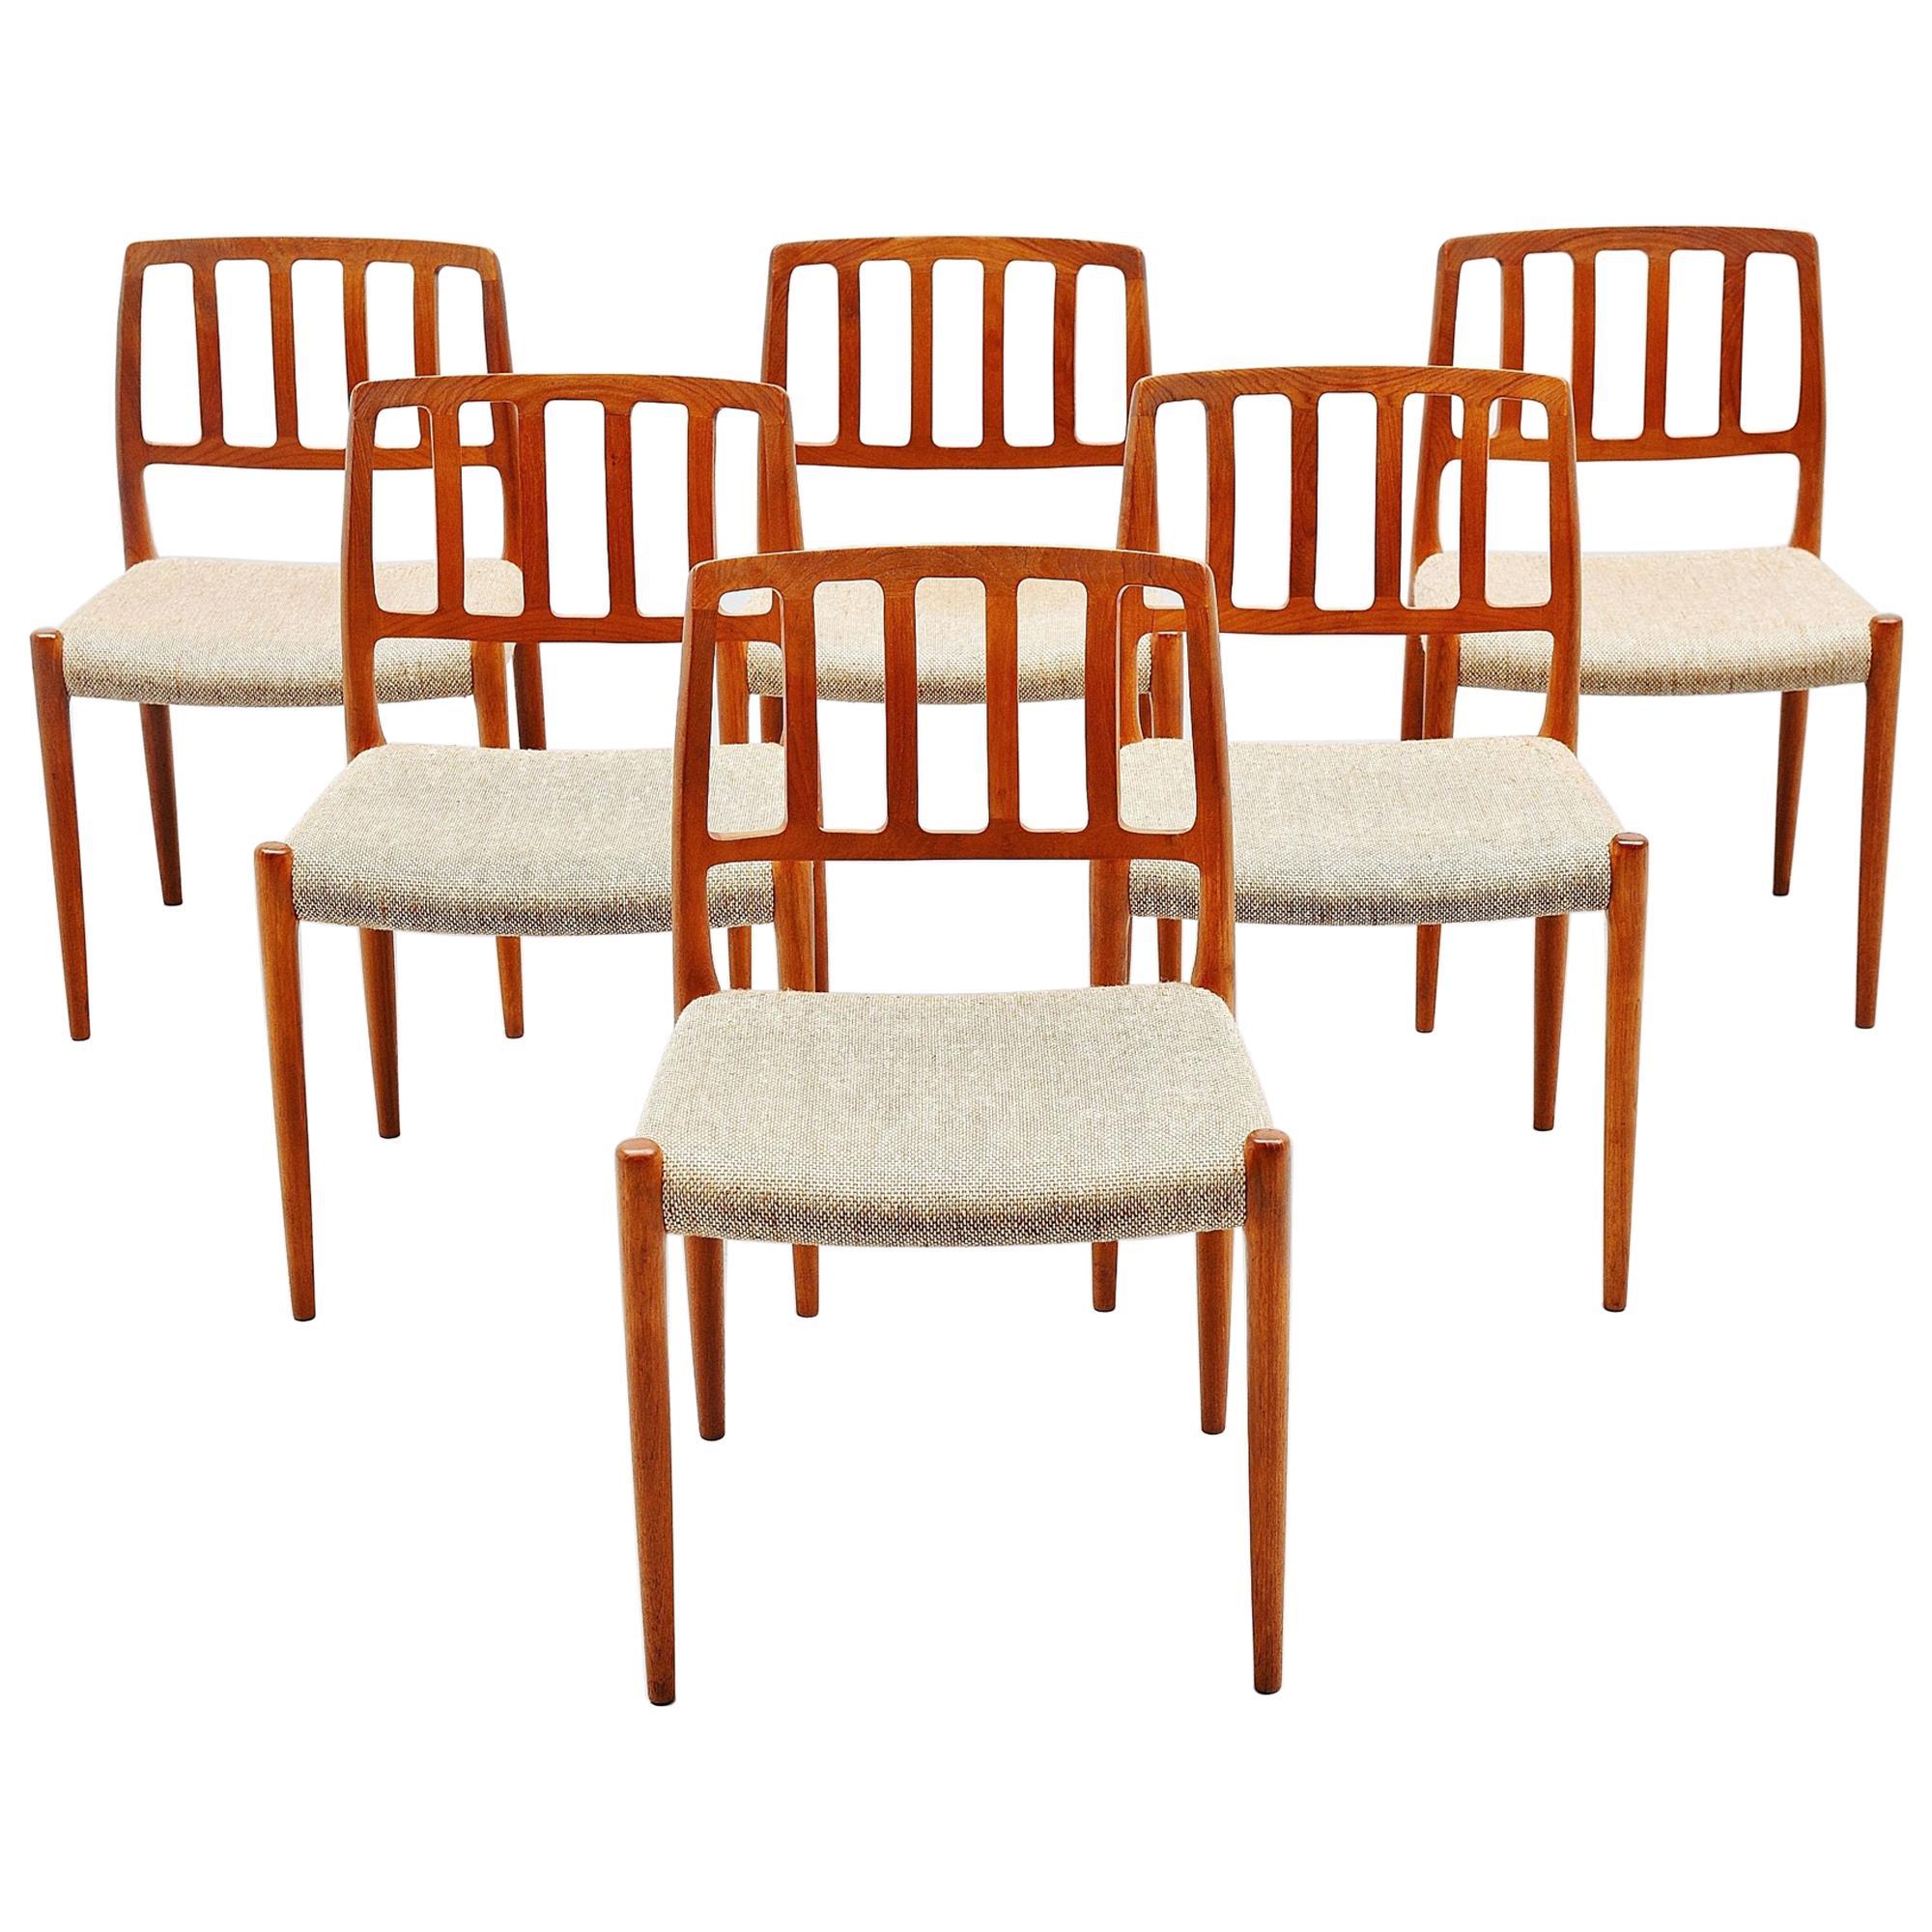 Niels Moller Model 83 Teak Dining Chairs, Denmark, 1974